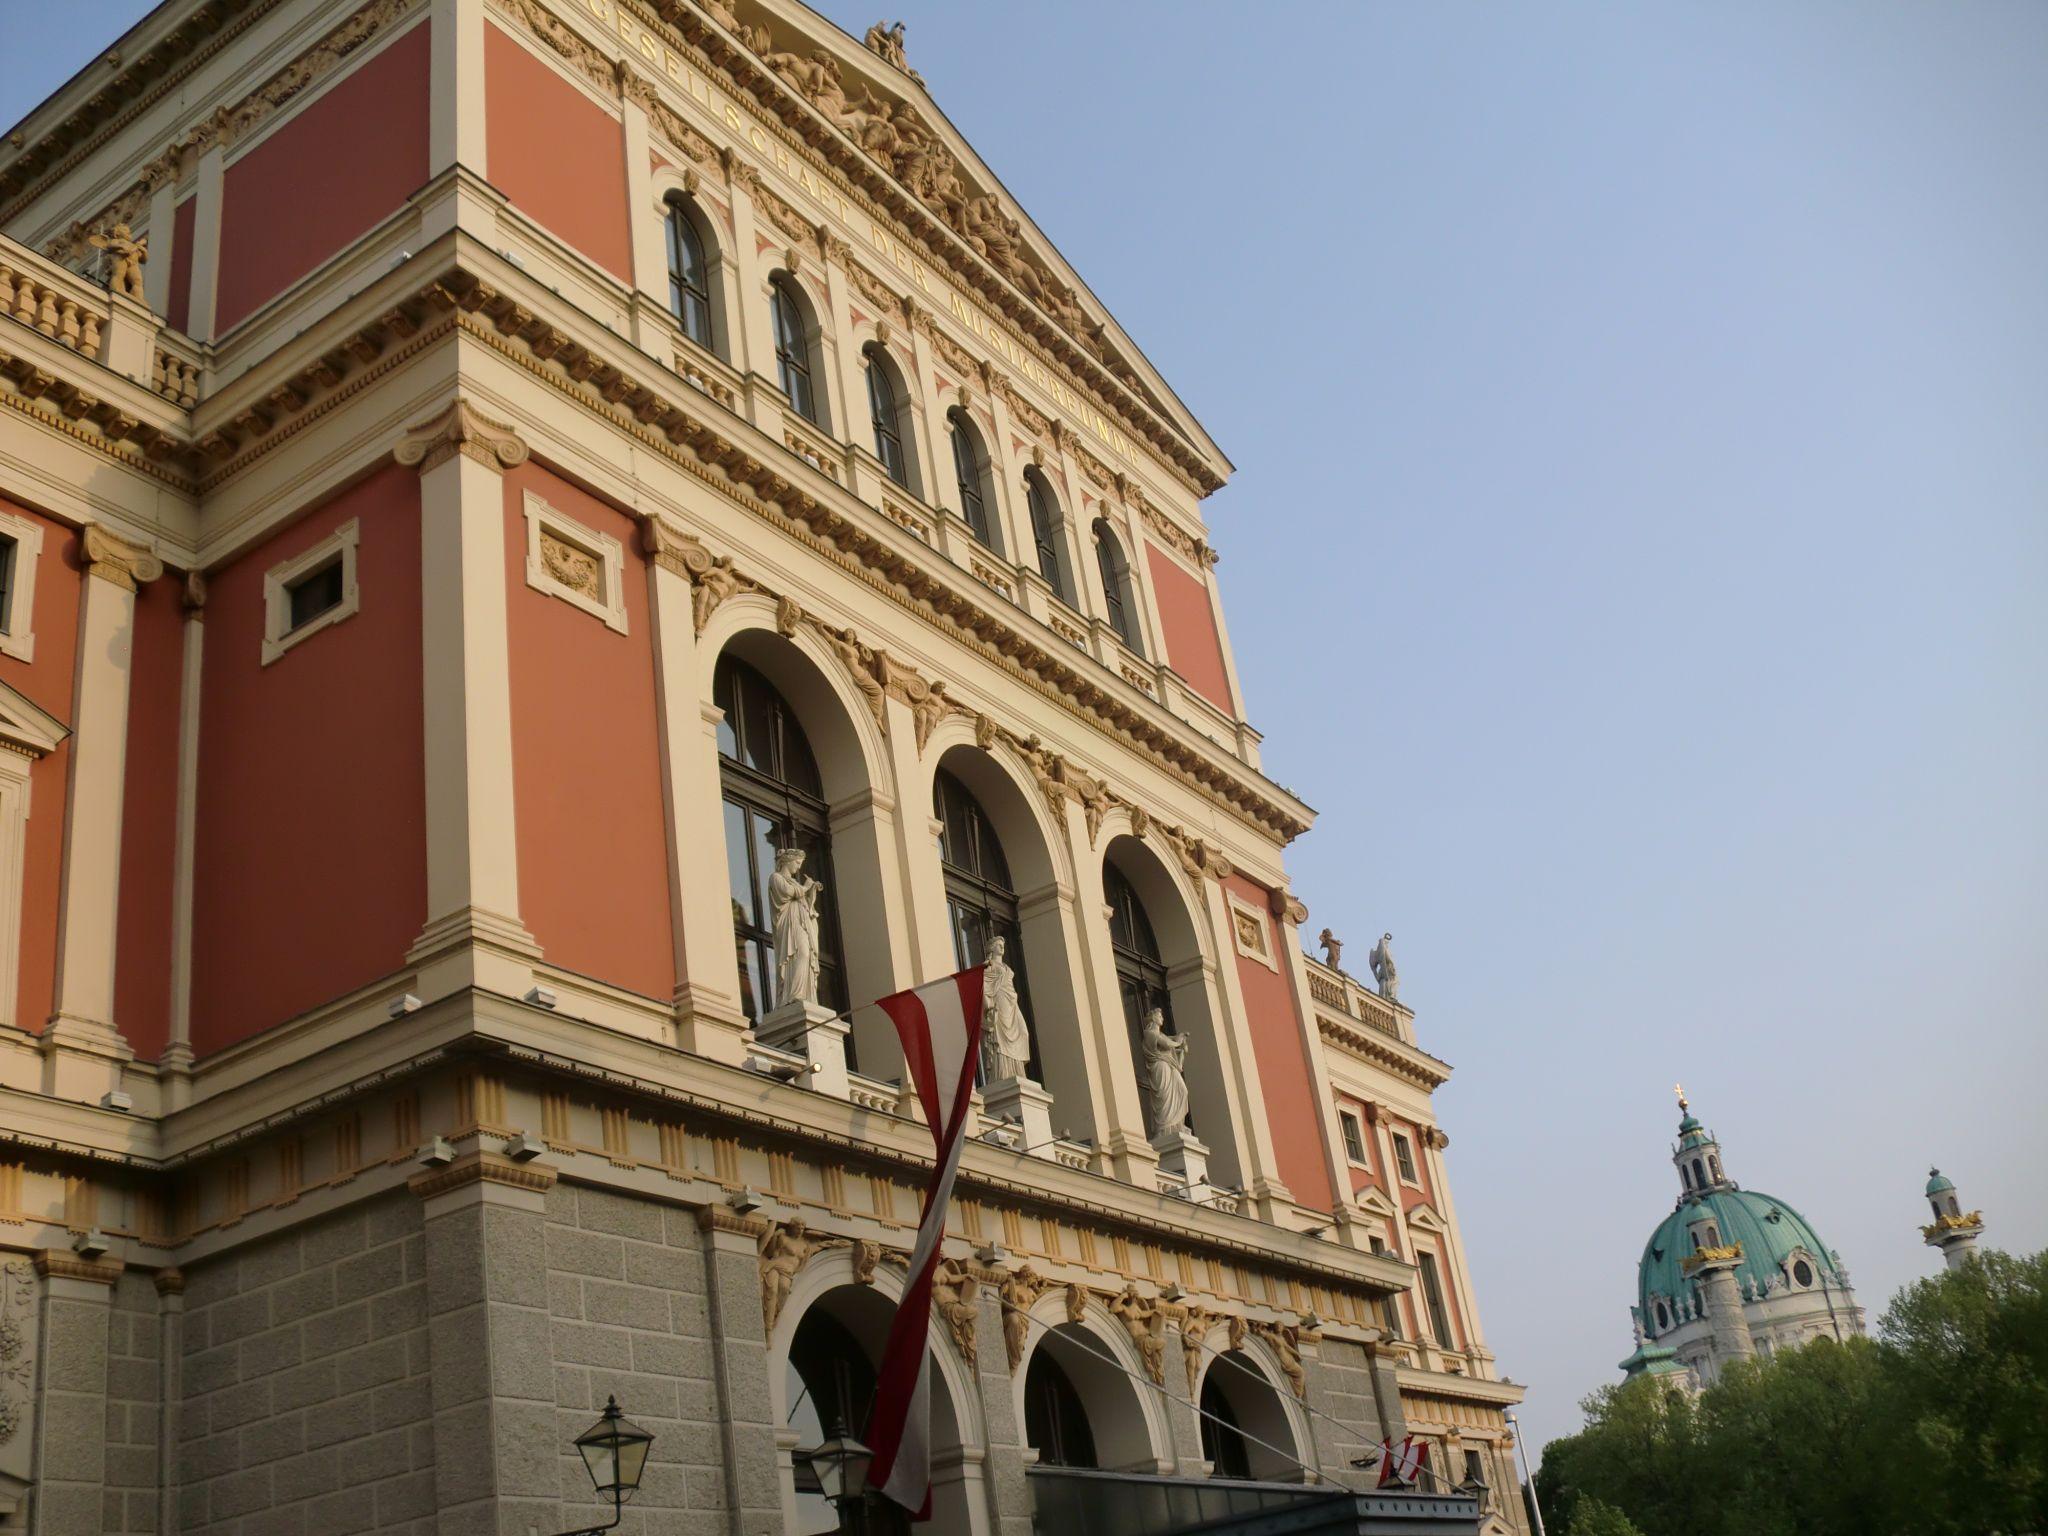 Vienna Opera 9 1440x1080 - Vienna: elegant beauty